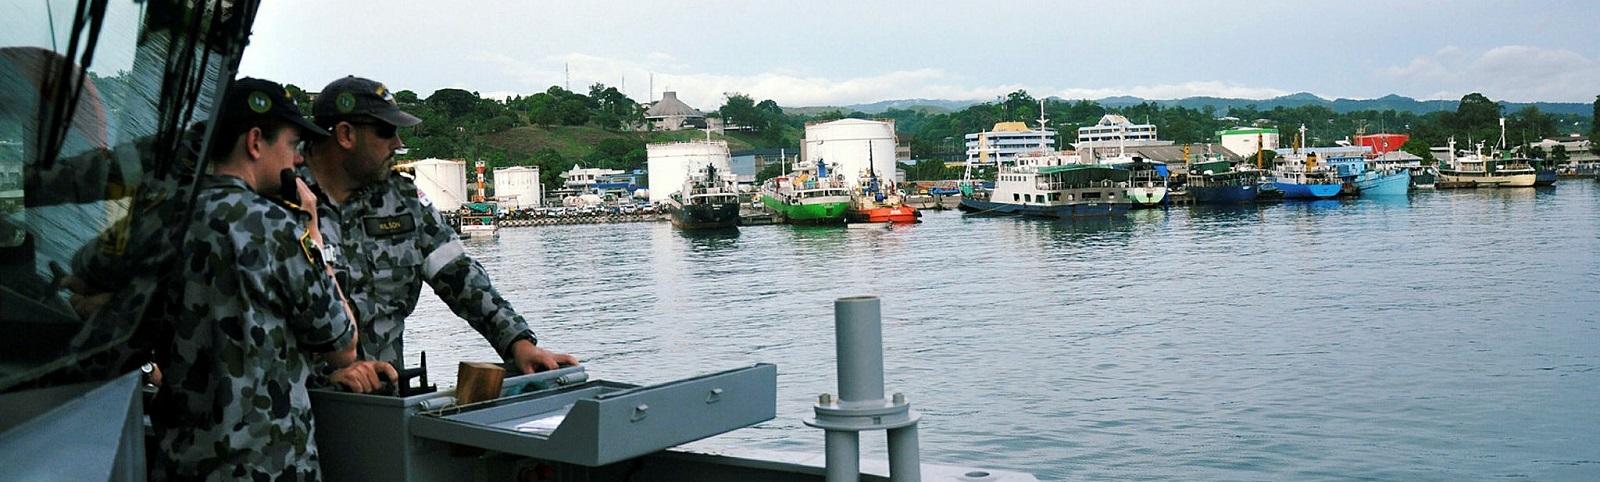 HMAS Wollongong at Honiara, Solomon Islands (Photo: Australian Defence Image Library).